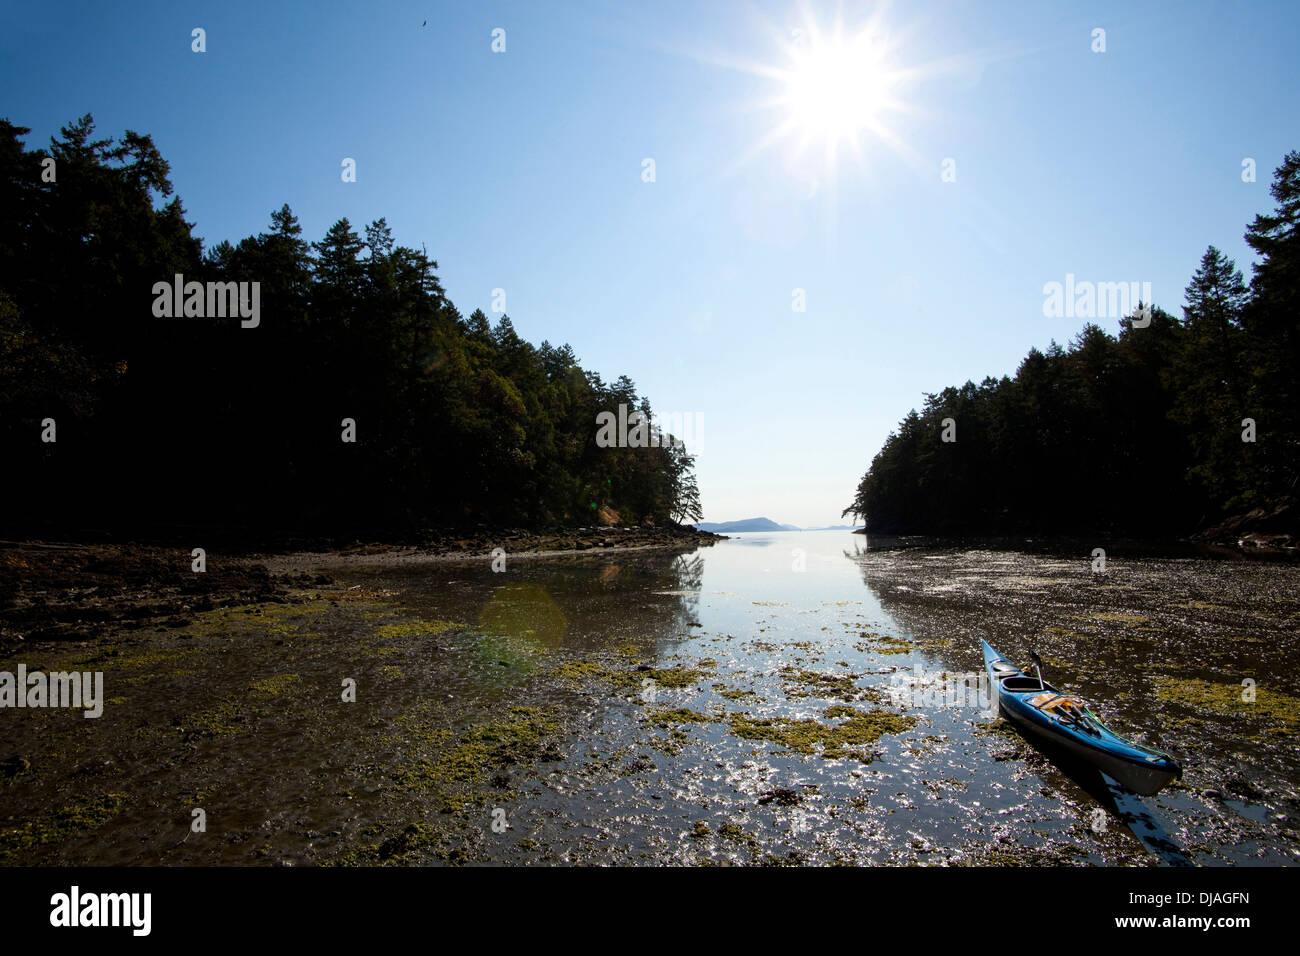 Boot Liegeplatz im trüben Wasser, Gulf Islands, British Columbia, Kanada Stockbild